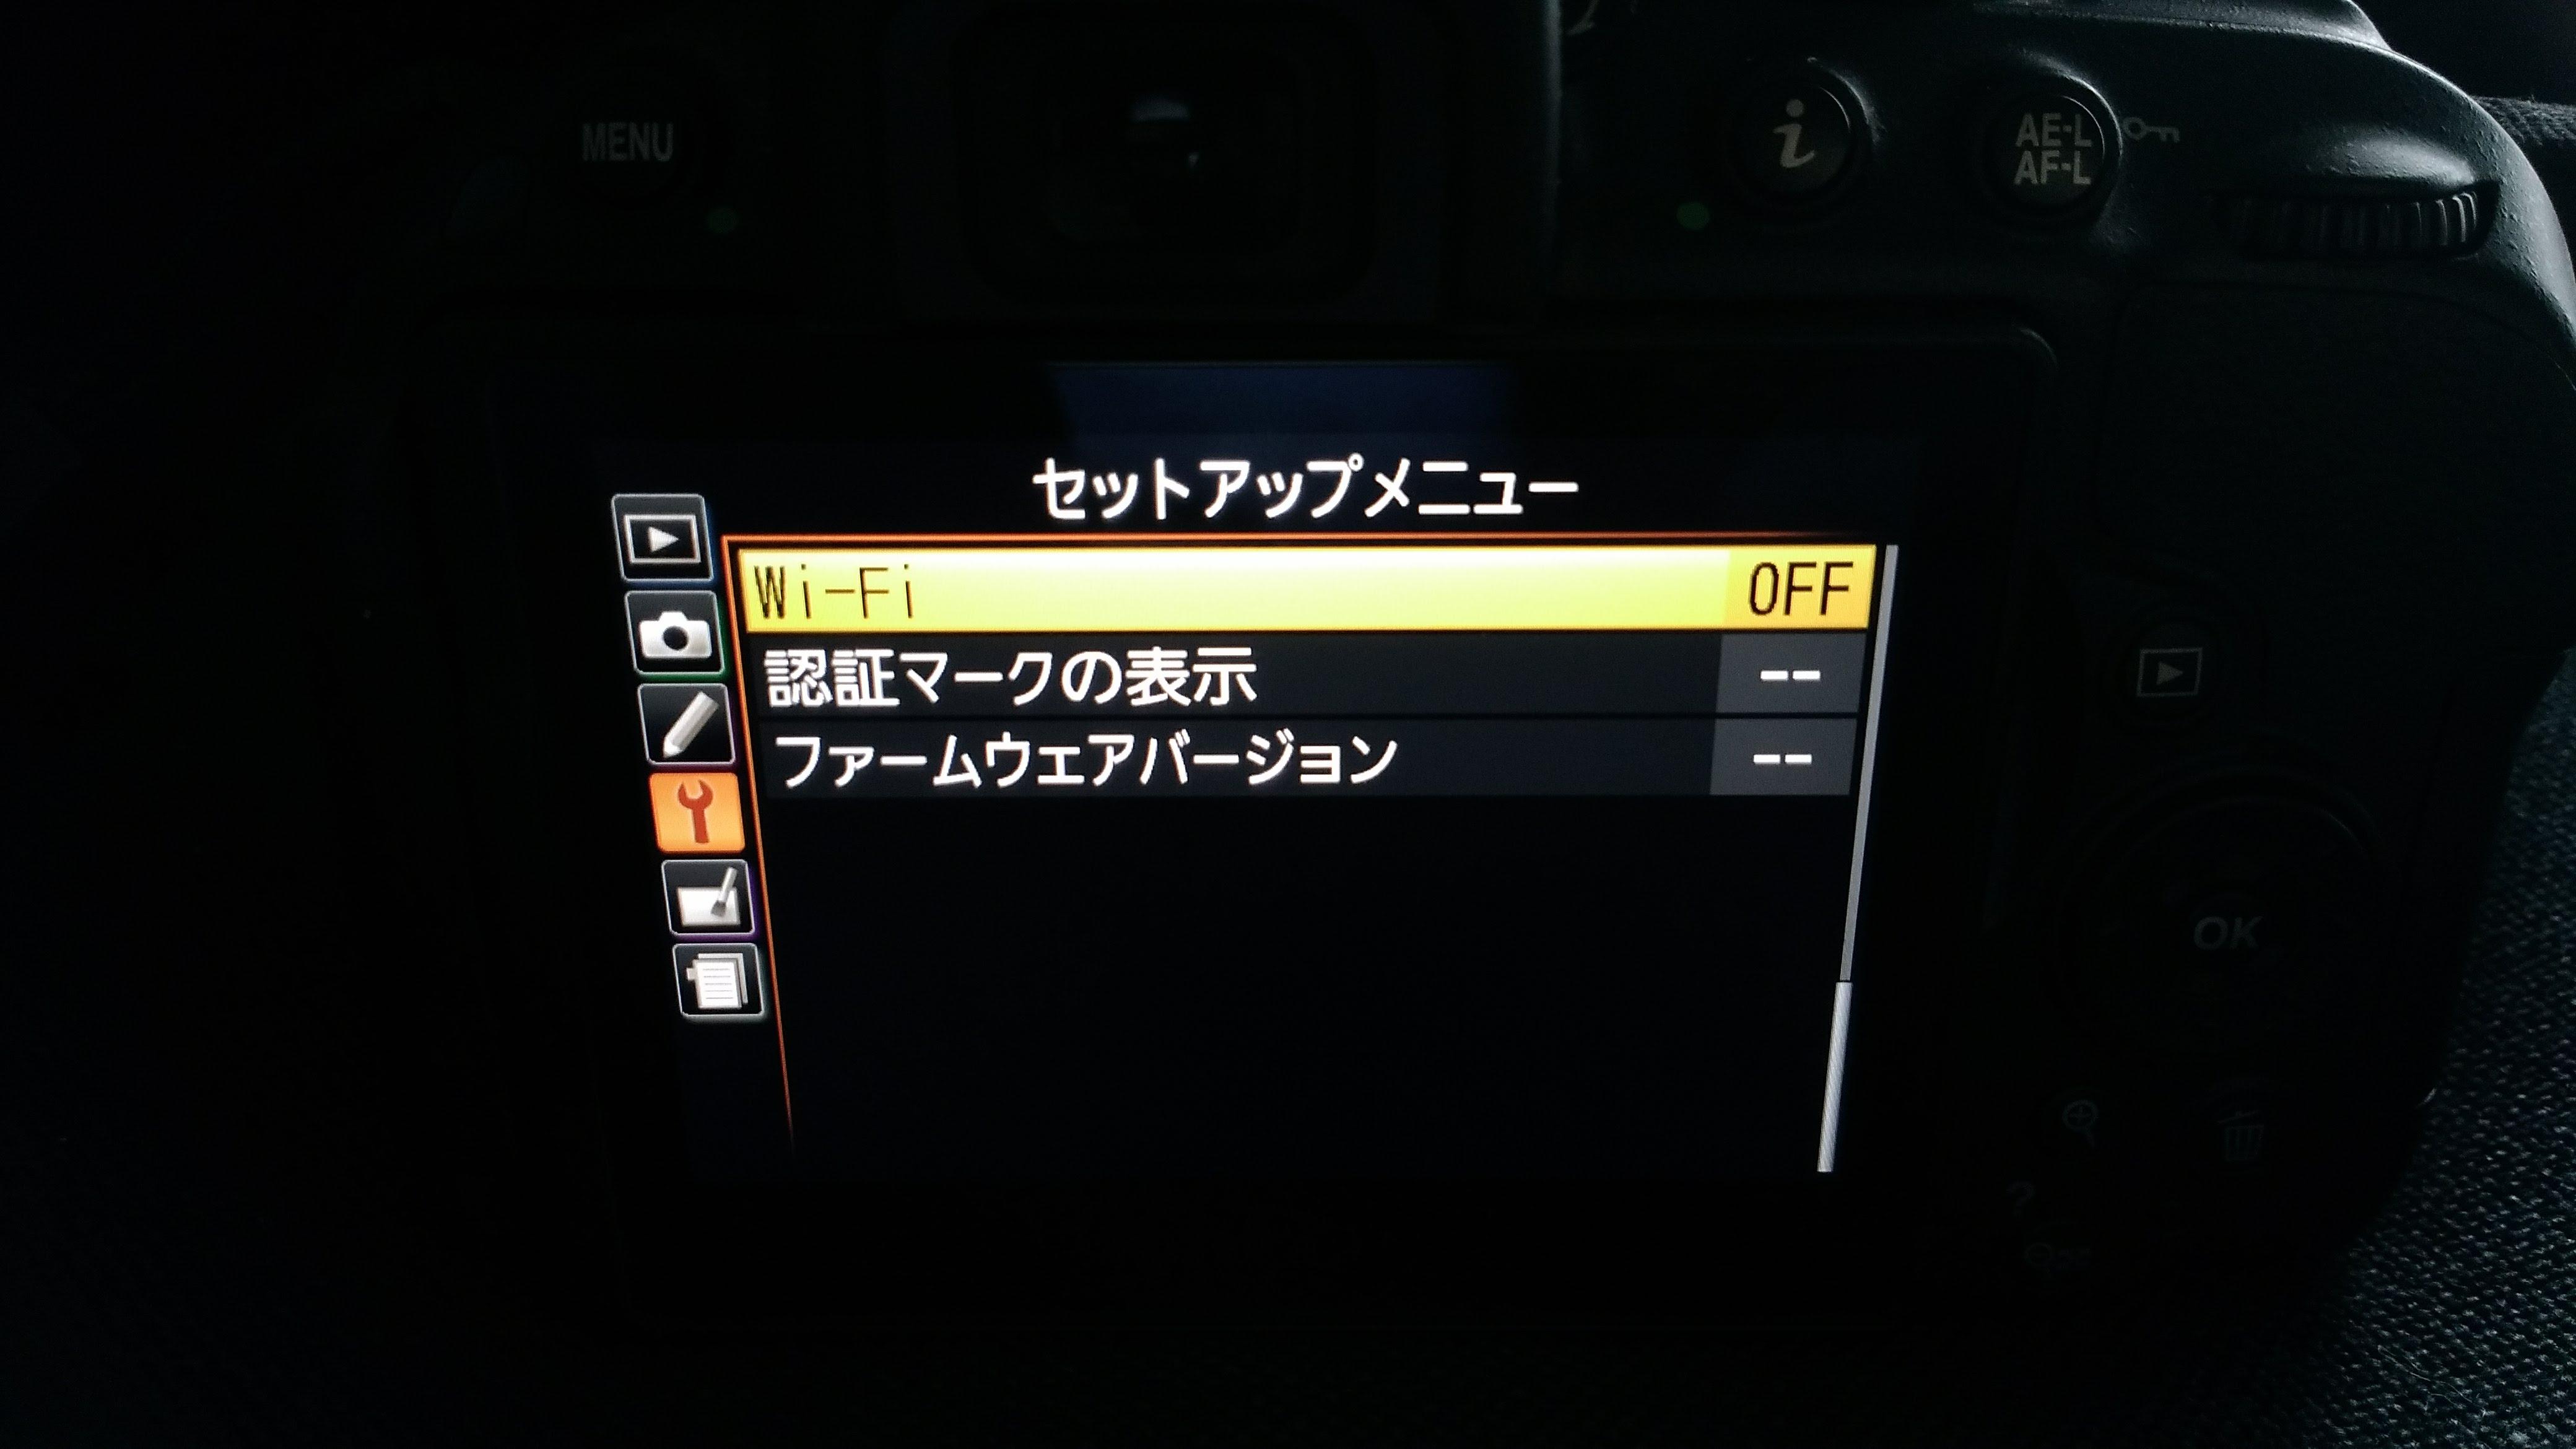 【NikonD5300】Wi-Fi経由でカメラ内の画像をスマホに取り込む方法